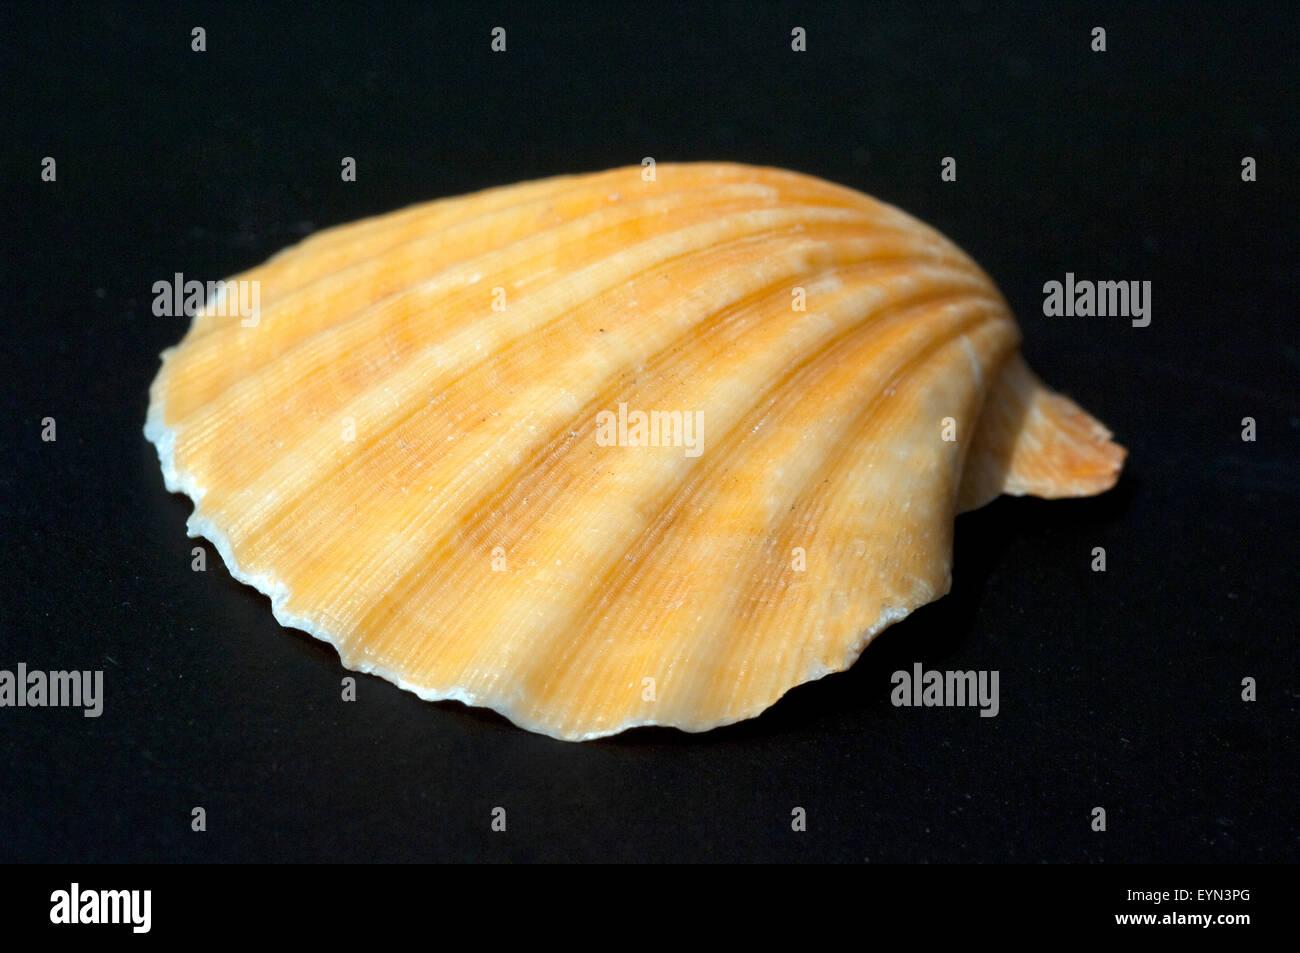 Meeresmuschel - Stock Image